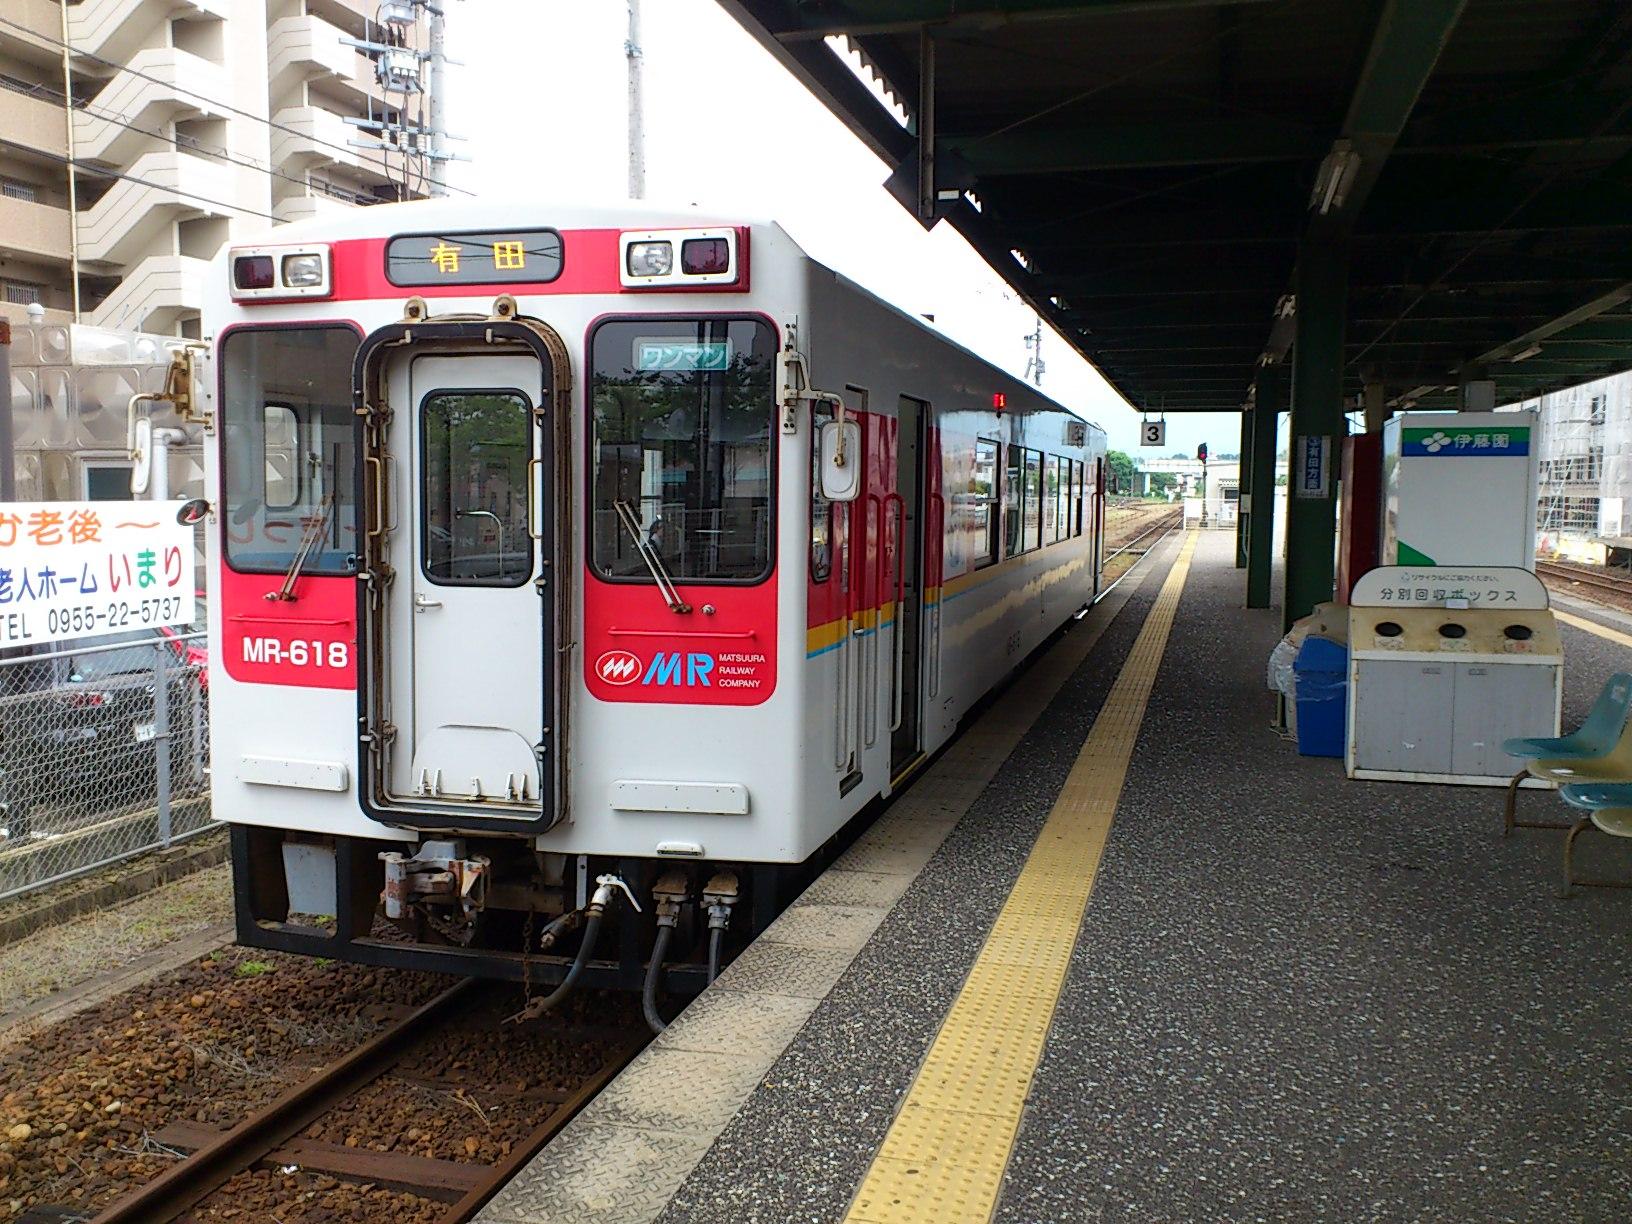 伊万里駅から松浦鉄道に乗車